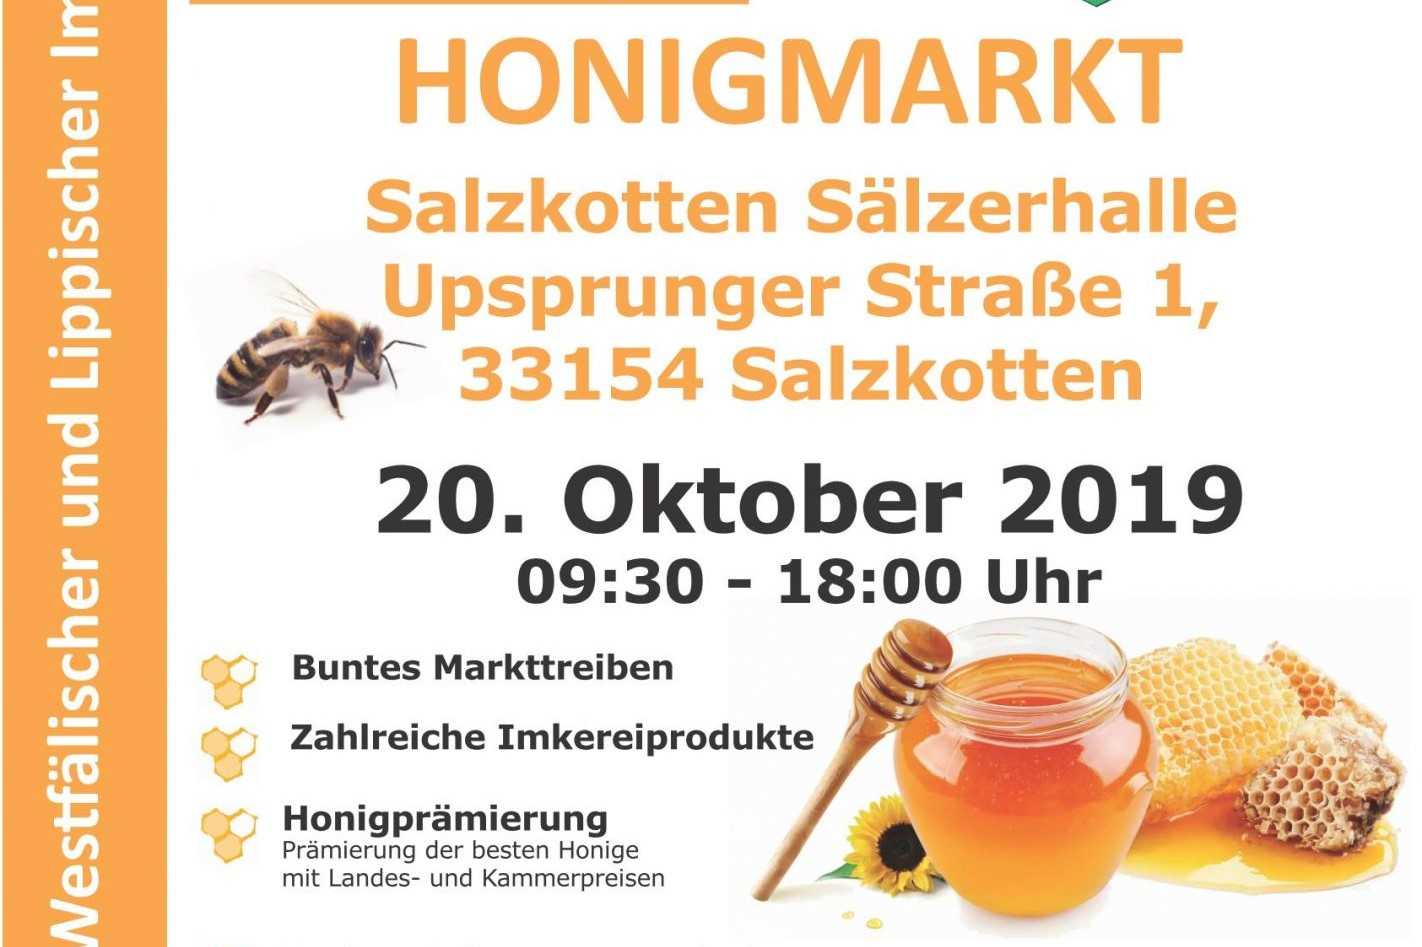 Honigmarkt in Salzkotten